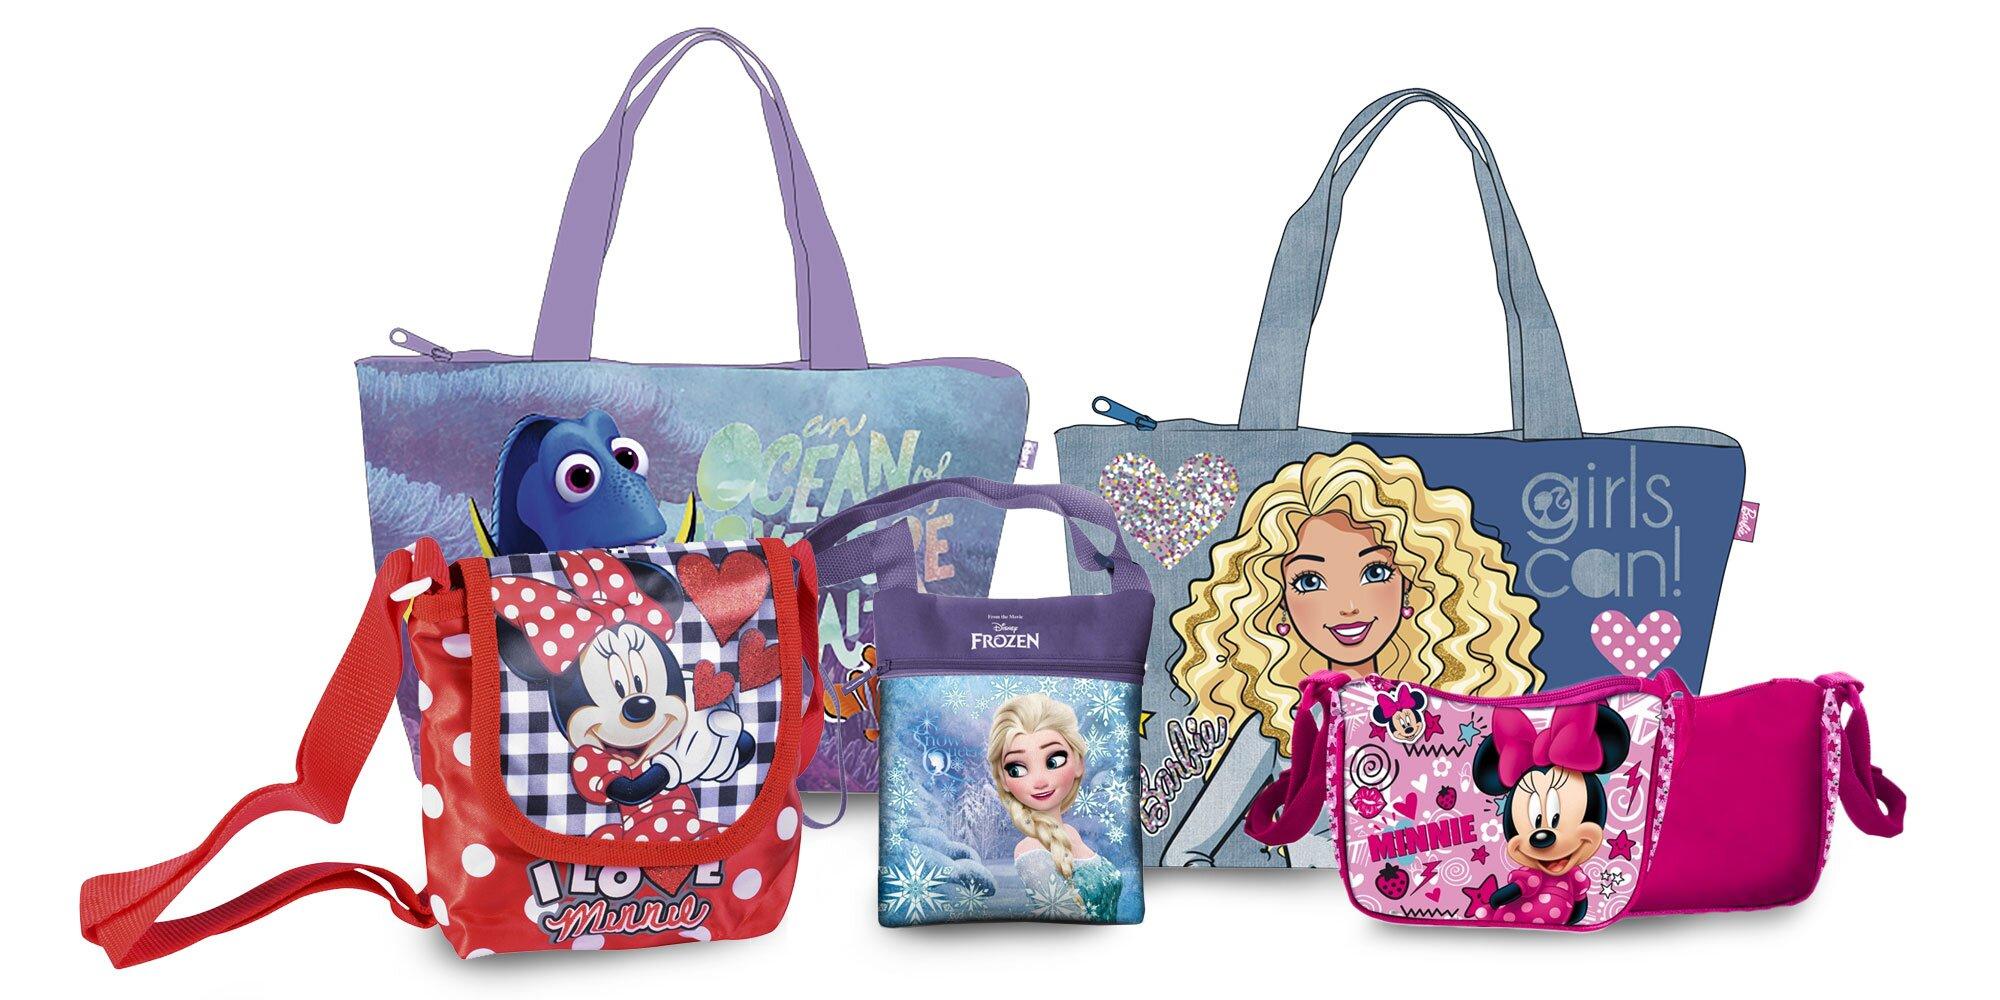 Detské tašky a kabelky s obľúbenými postavičkami  002f658e8fe